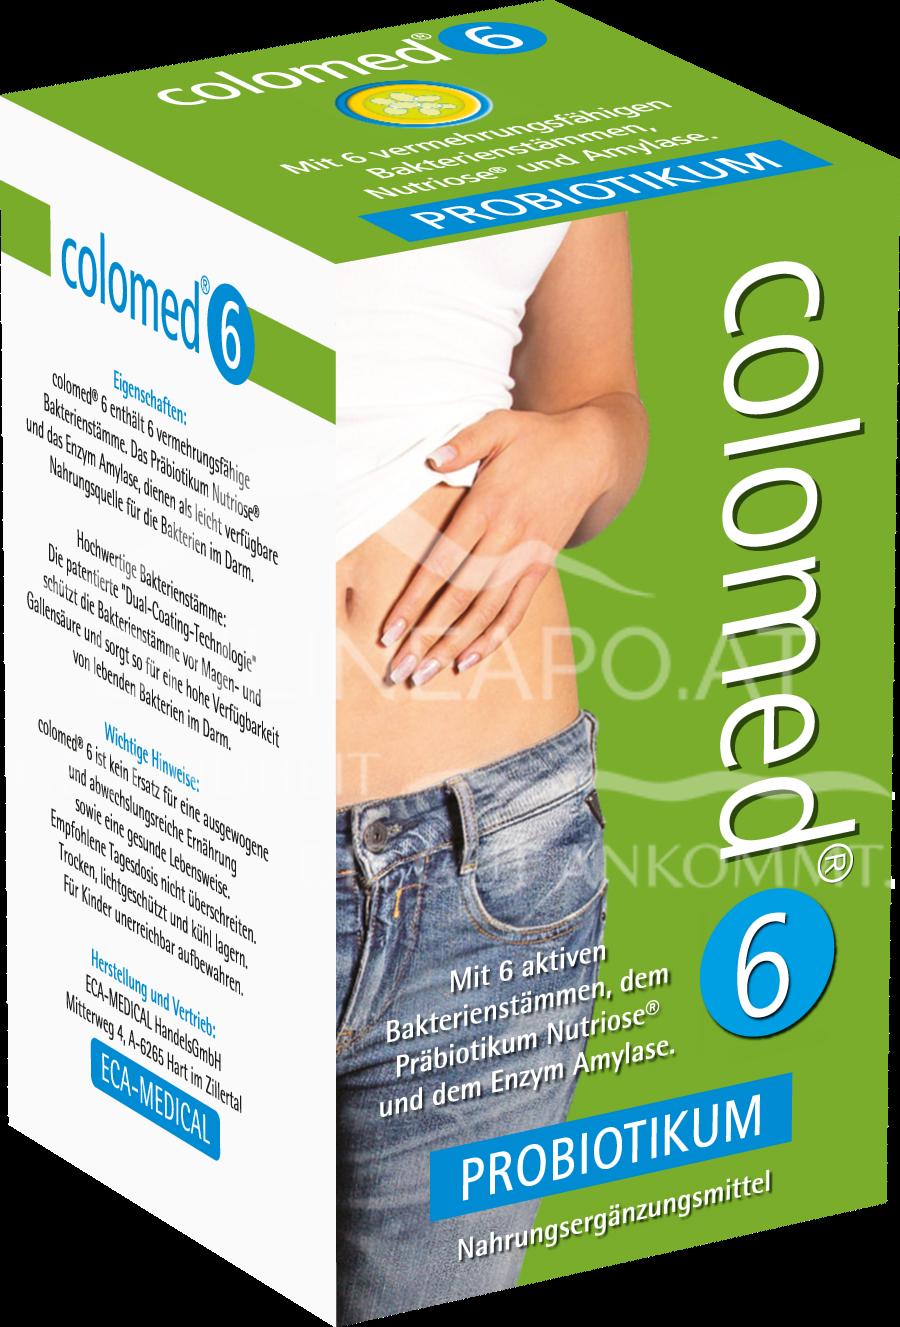 colomed 6 Probiotikum Pulver